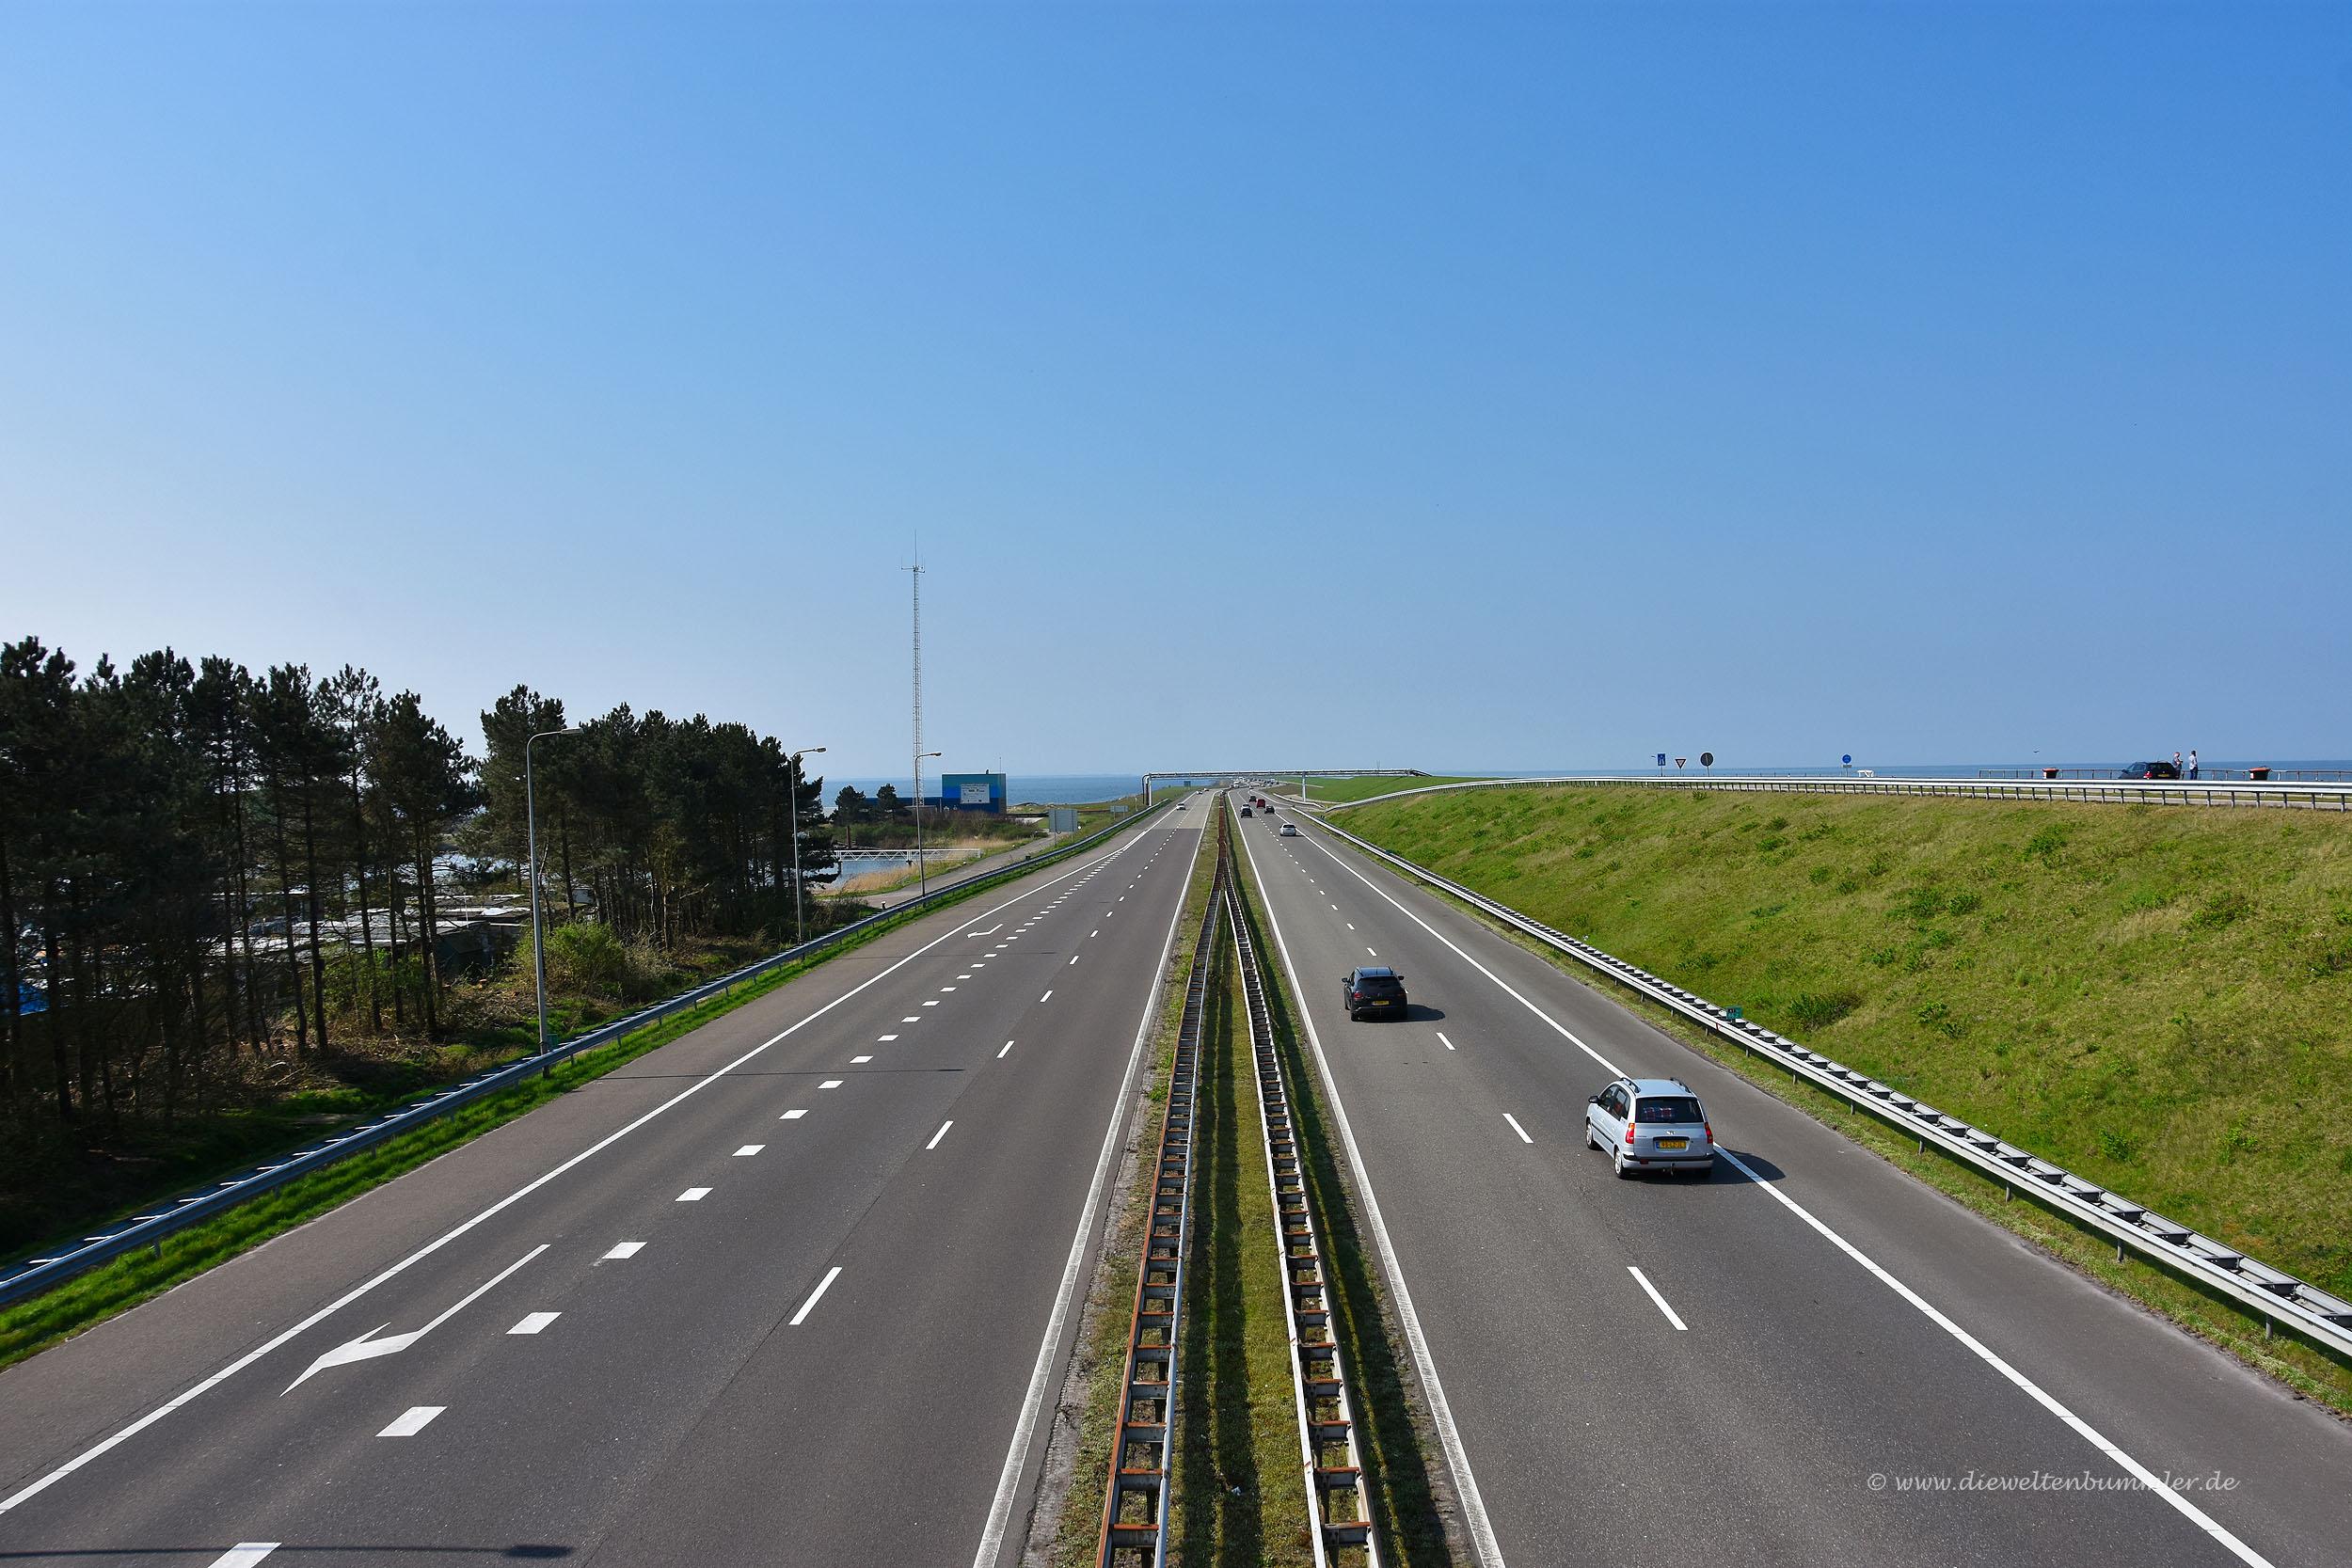 Autobahn auf dem Abschlussdeich